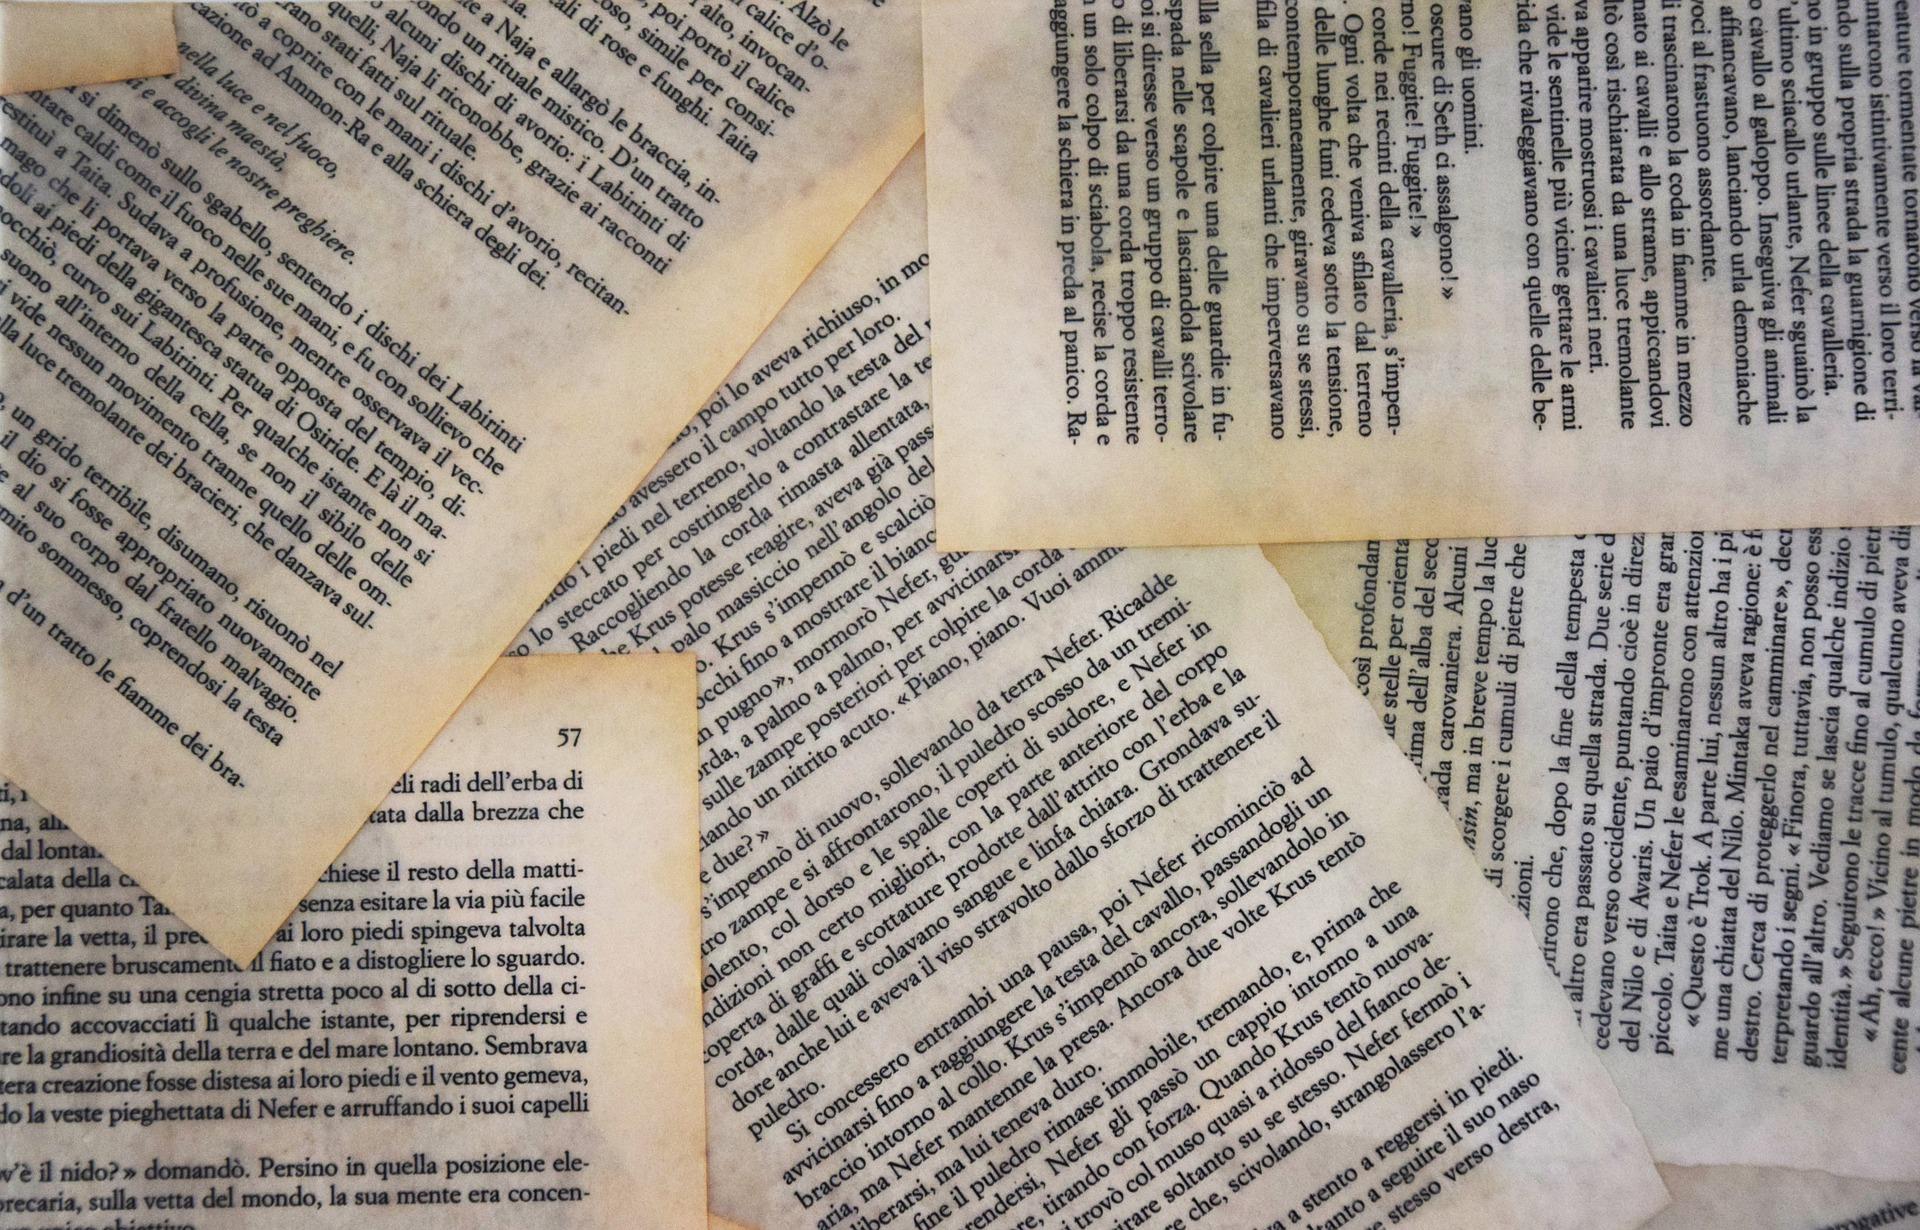 Bilde av mange løse sider fra en bok hulter til bulter.